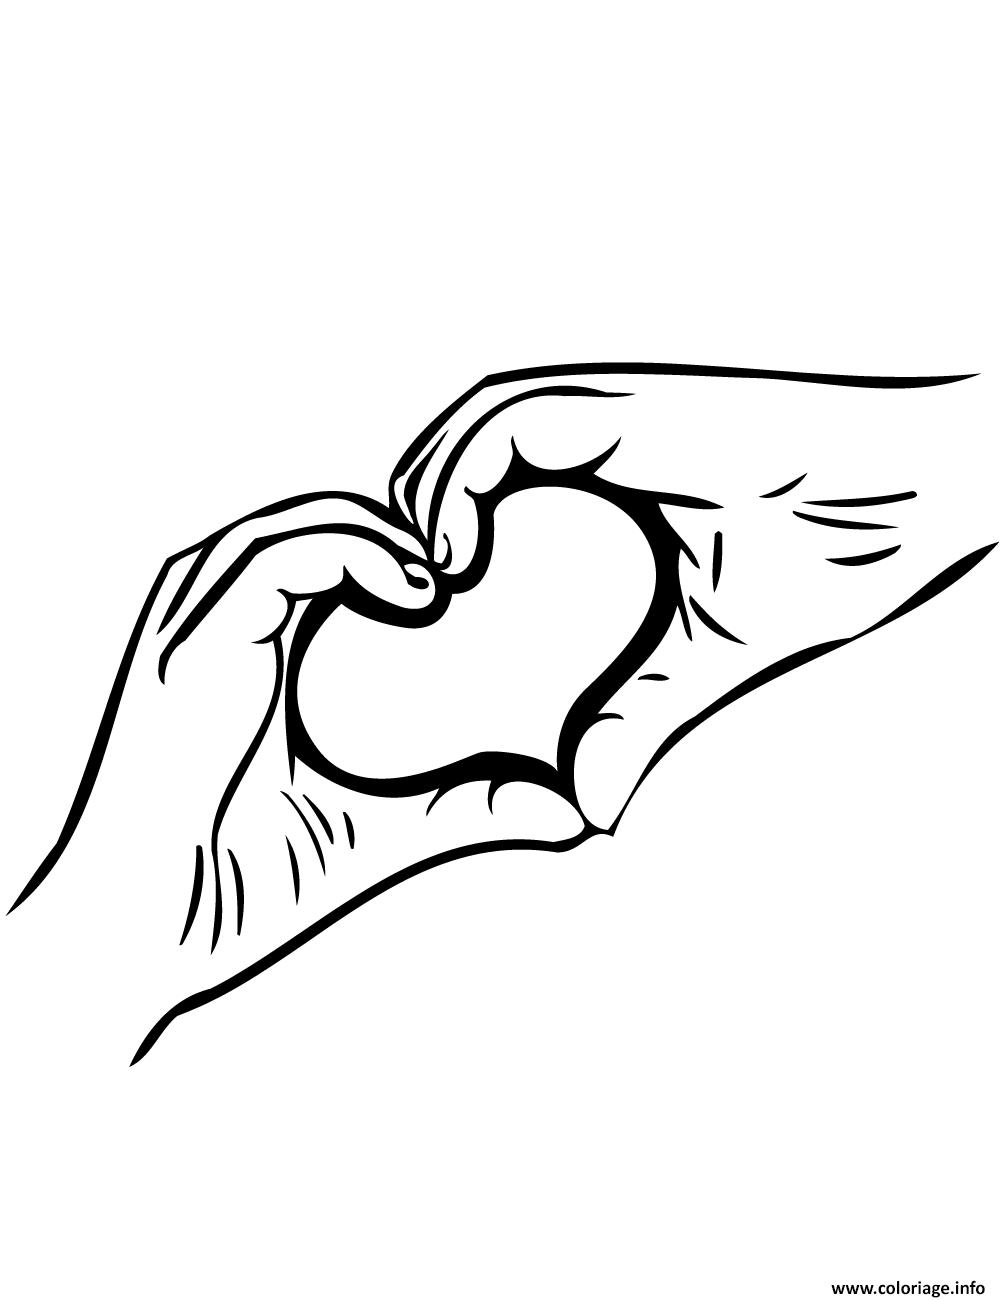 Coloriage Deux Mains Formant Un Coeur Dessin